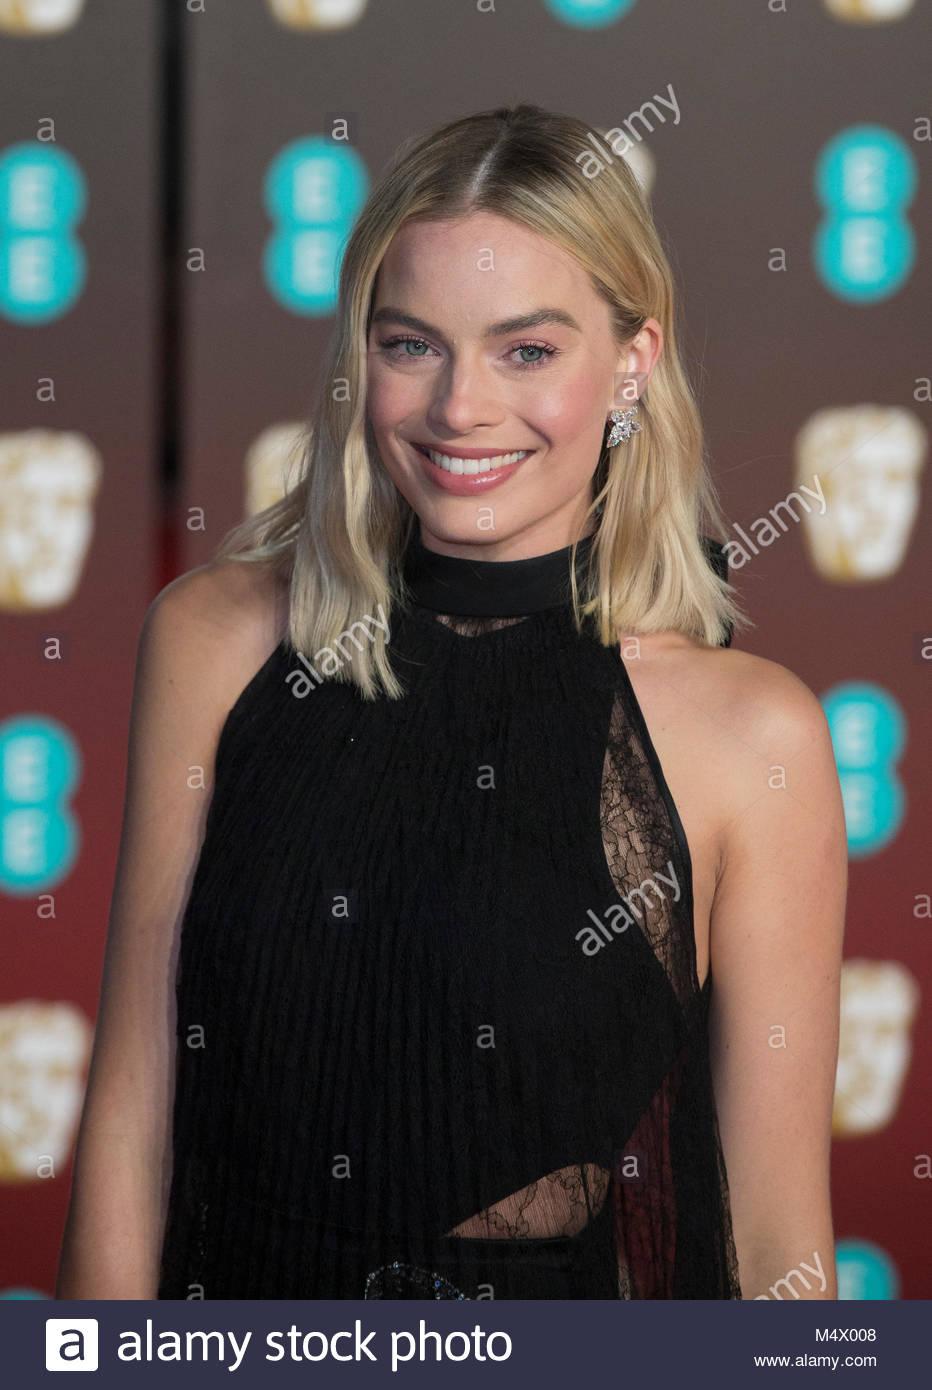 Londres, Reino Unido. El 18 de febrero de 2018. Margot Robbie en la ceremonia de los premios BAFTA, se celebró en Foto de stock